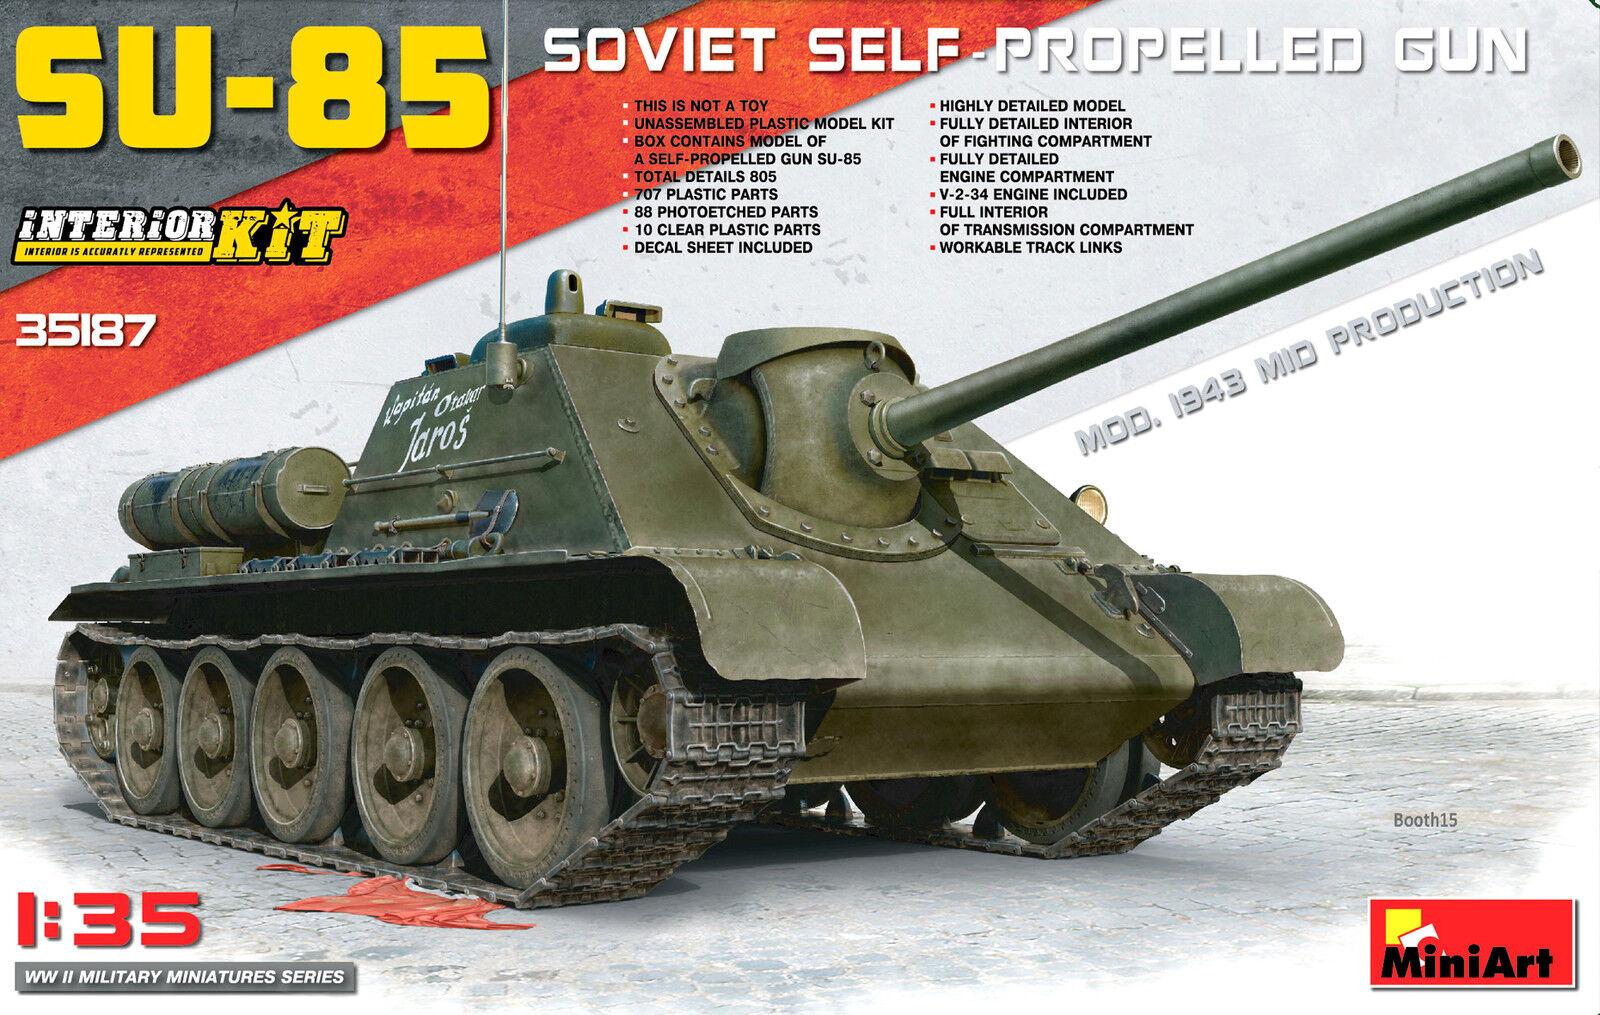 CANON AUTOMOTEUR SOVIETIQUE SU-85,  1943 - KIT MINIART 1 35 n° 35187